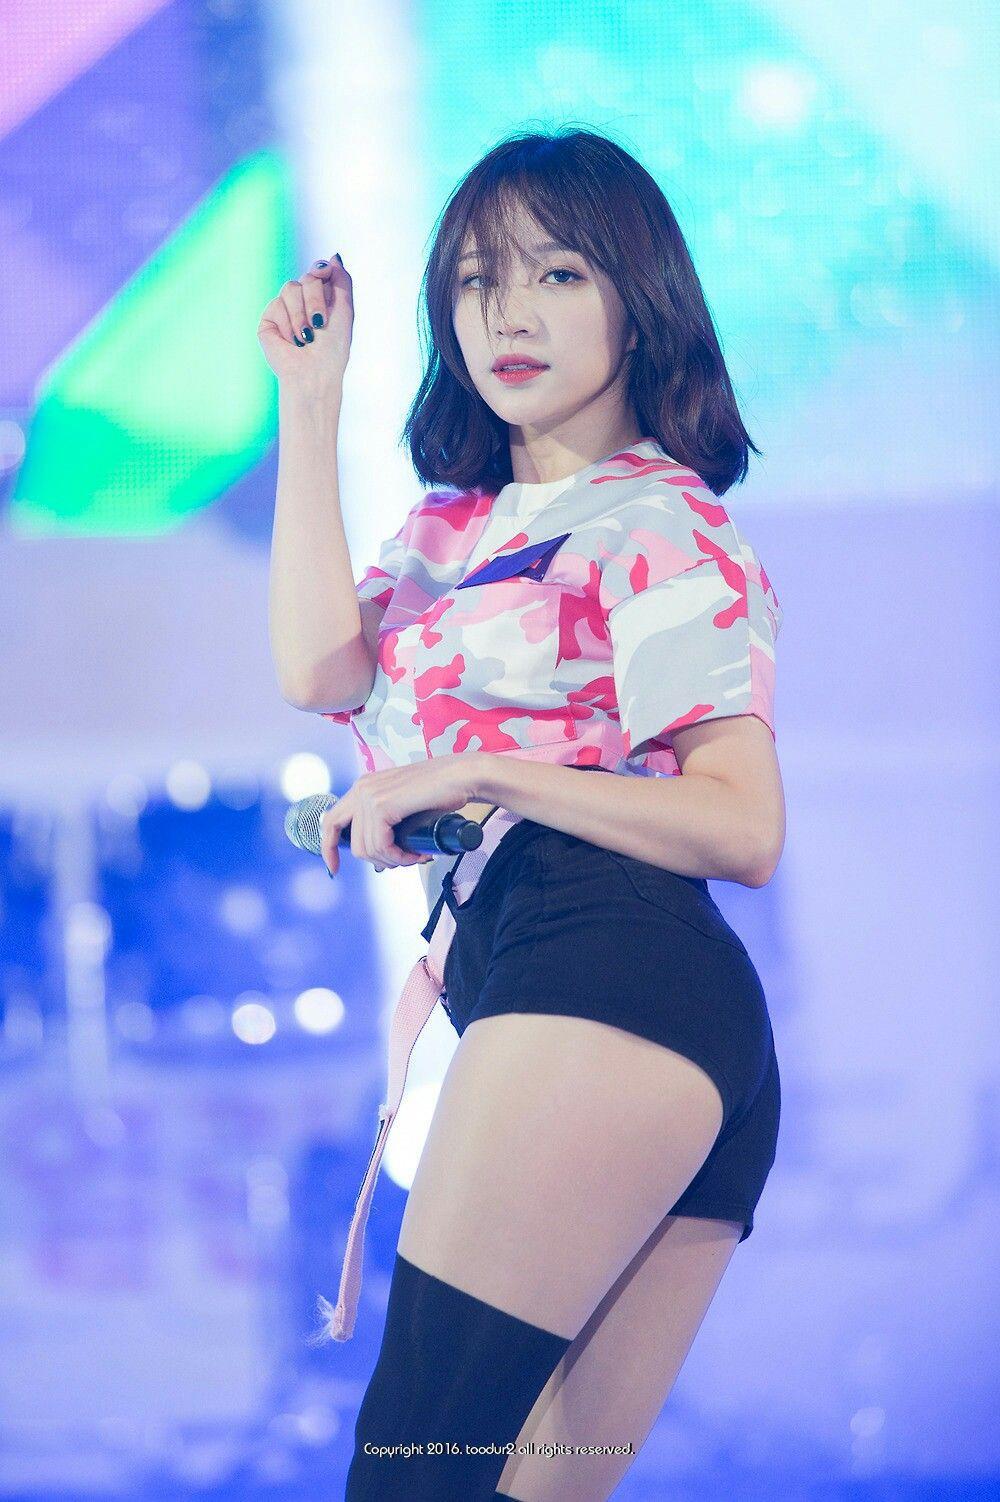 Những mĩ nhân Kpop sở hữu thân hình siêu nóng bỏng khiến fan muốn giảm cân đón hè ngay tức khắc - Ảnh 24.